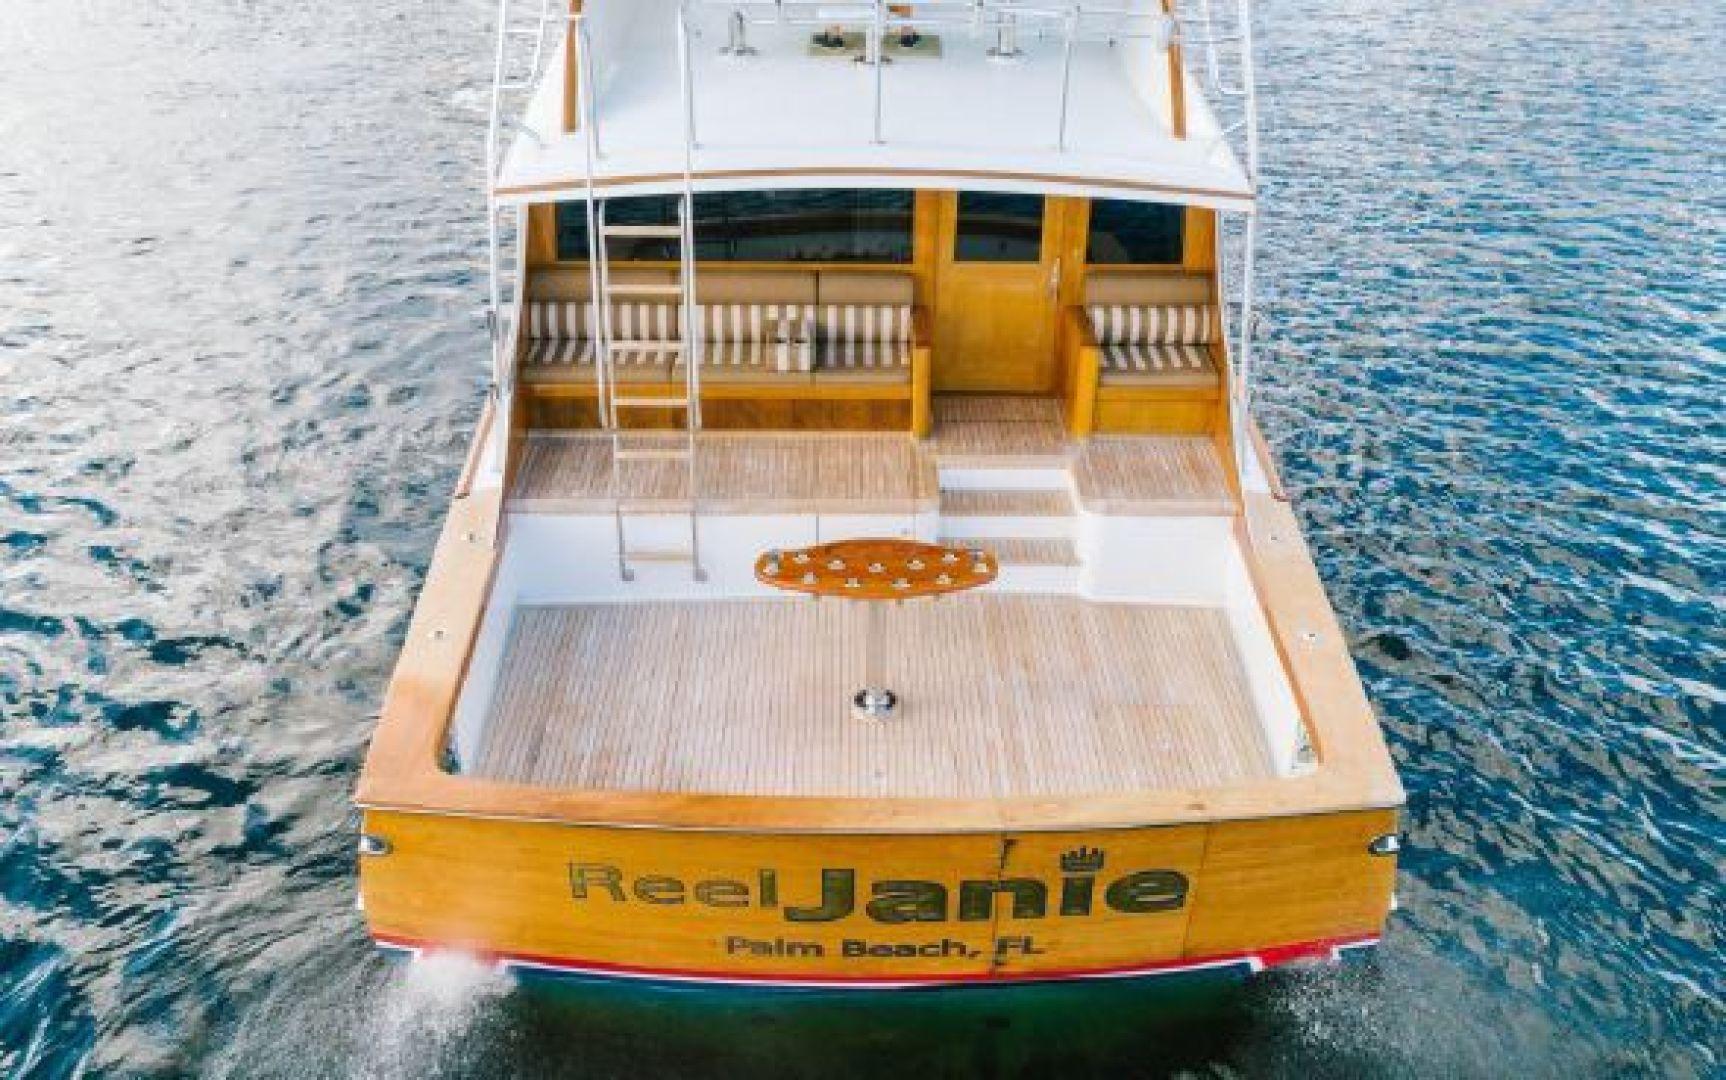 Merritt 1996-REEL JANIE Palm Beach-Florida-United States-1633911 | Thumbnail